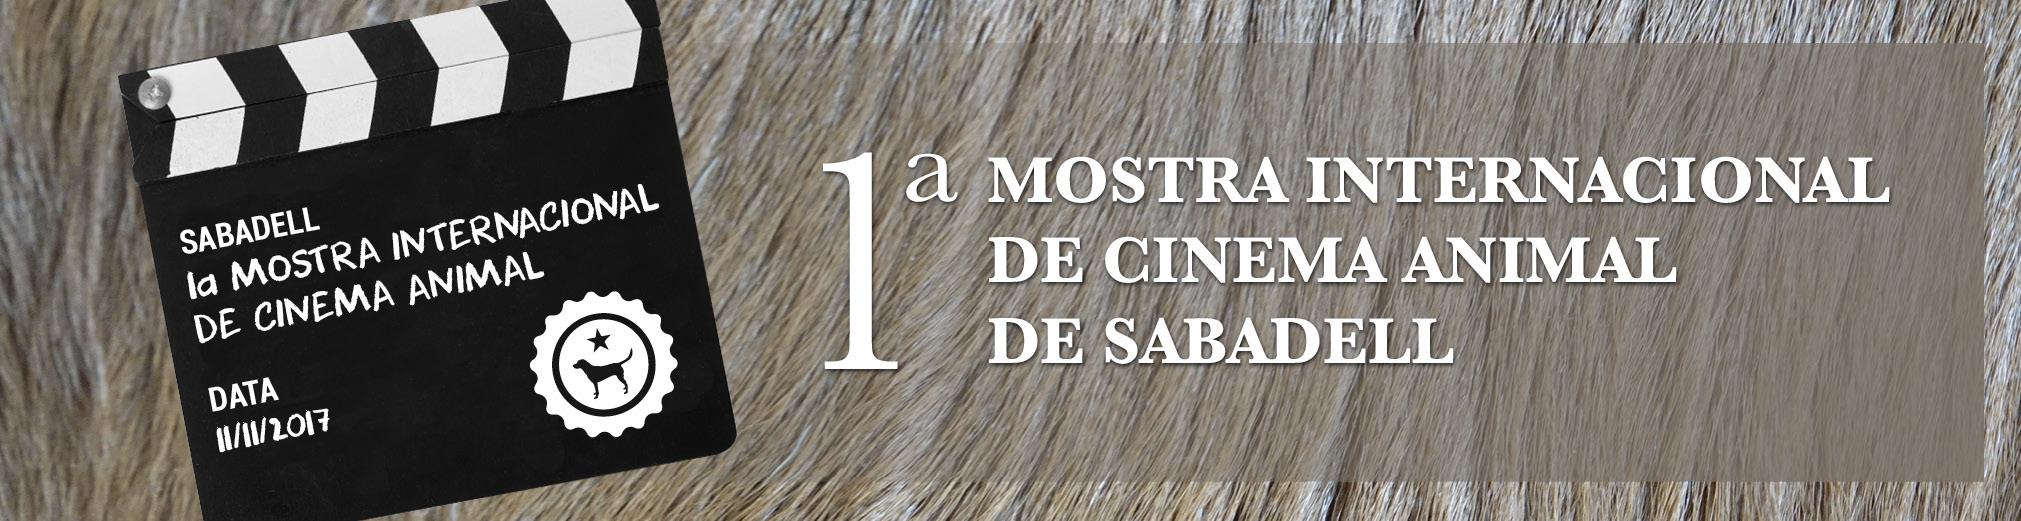 Sabadell impulsa la 1ª Mostra Internacional de Cinema Animal de Sabadell